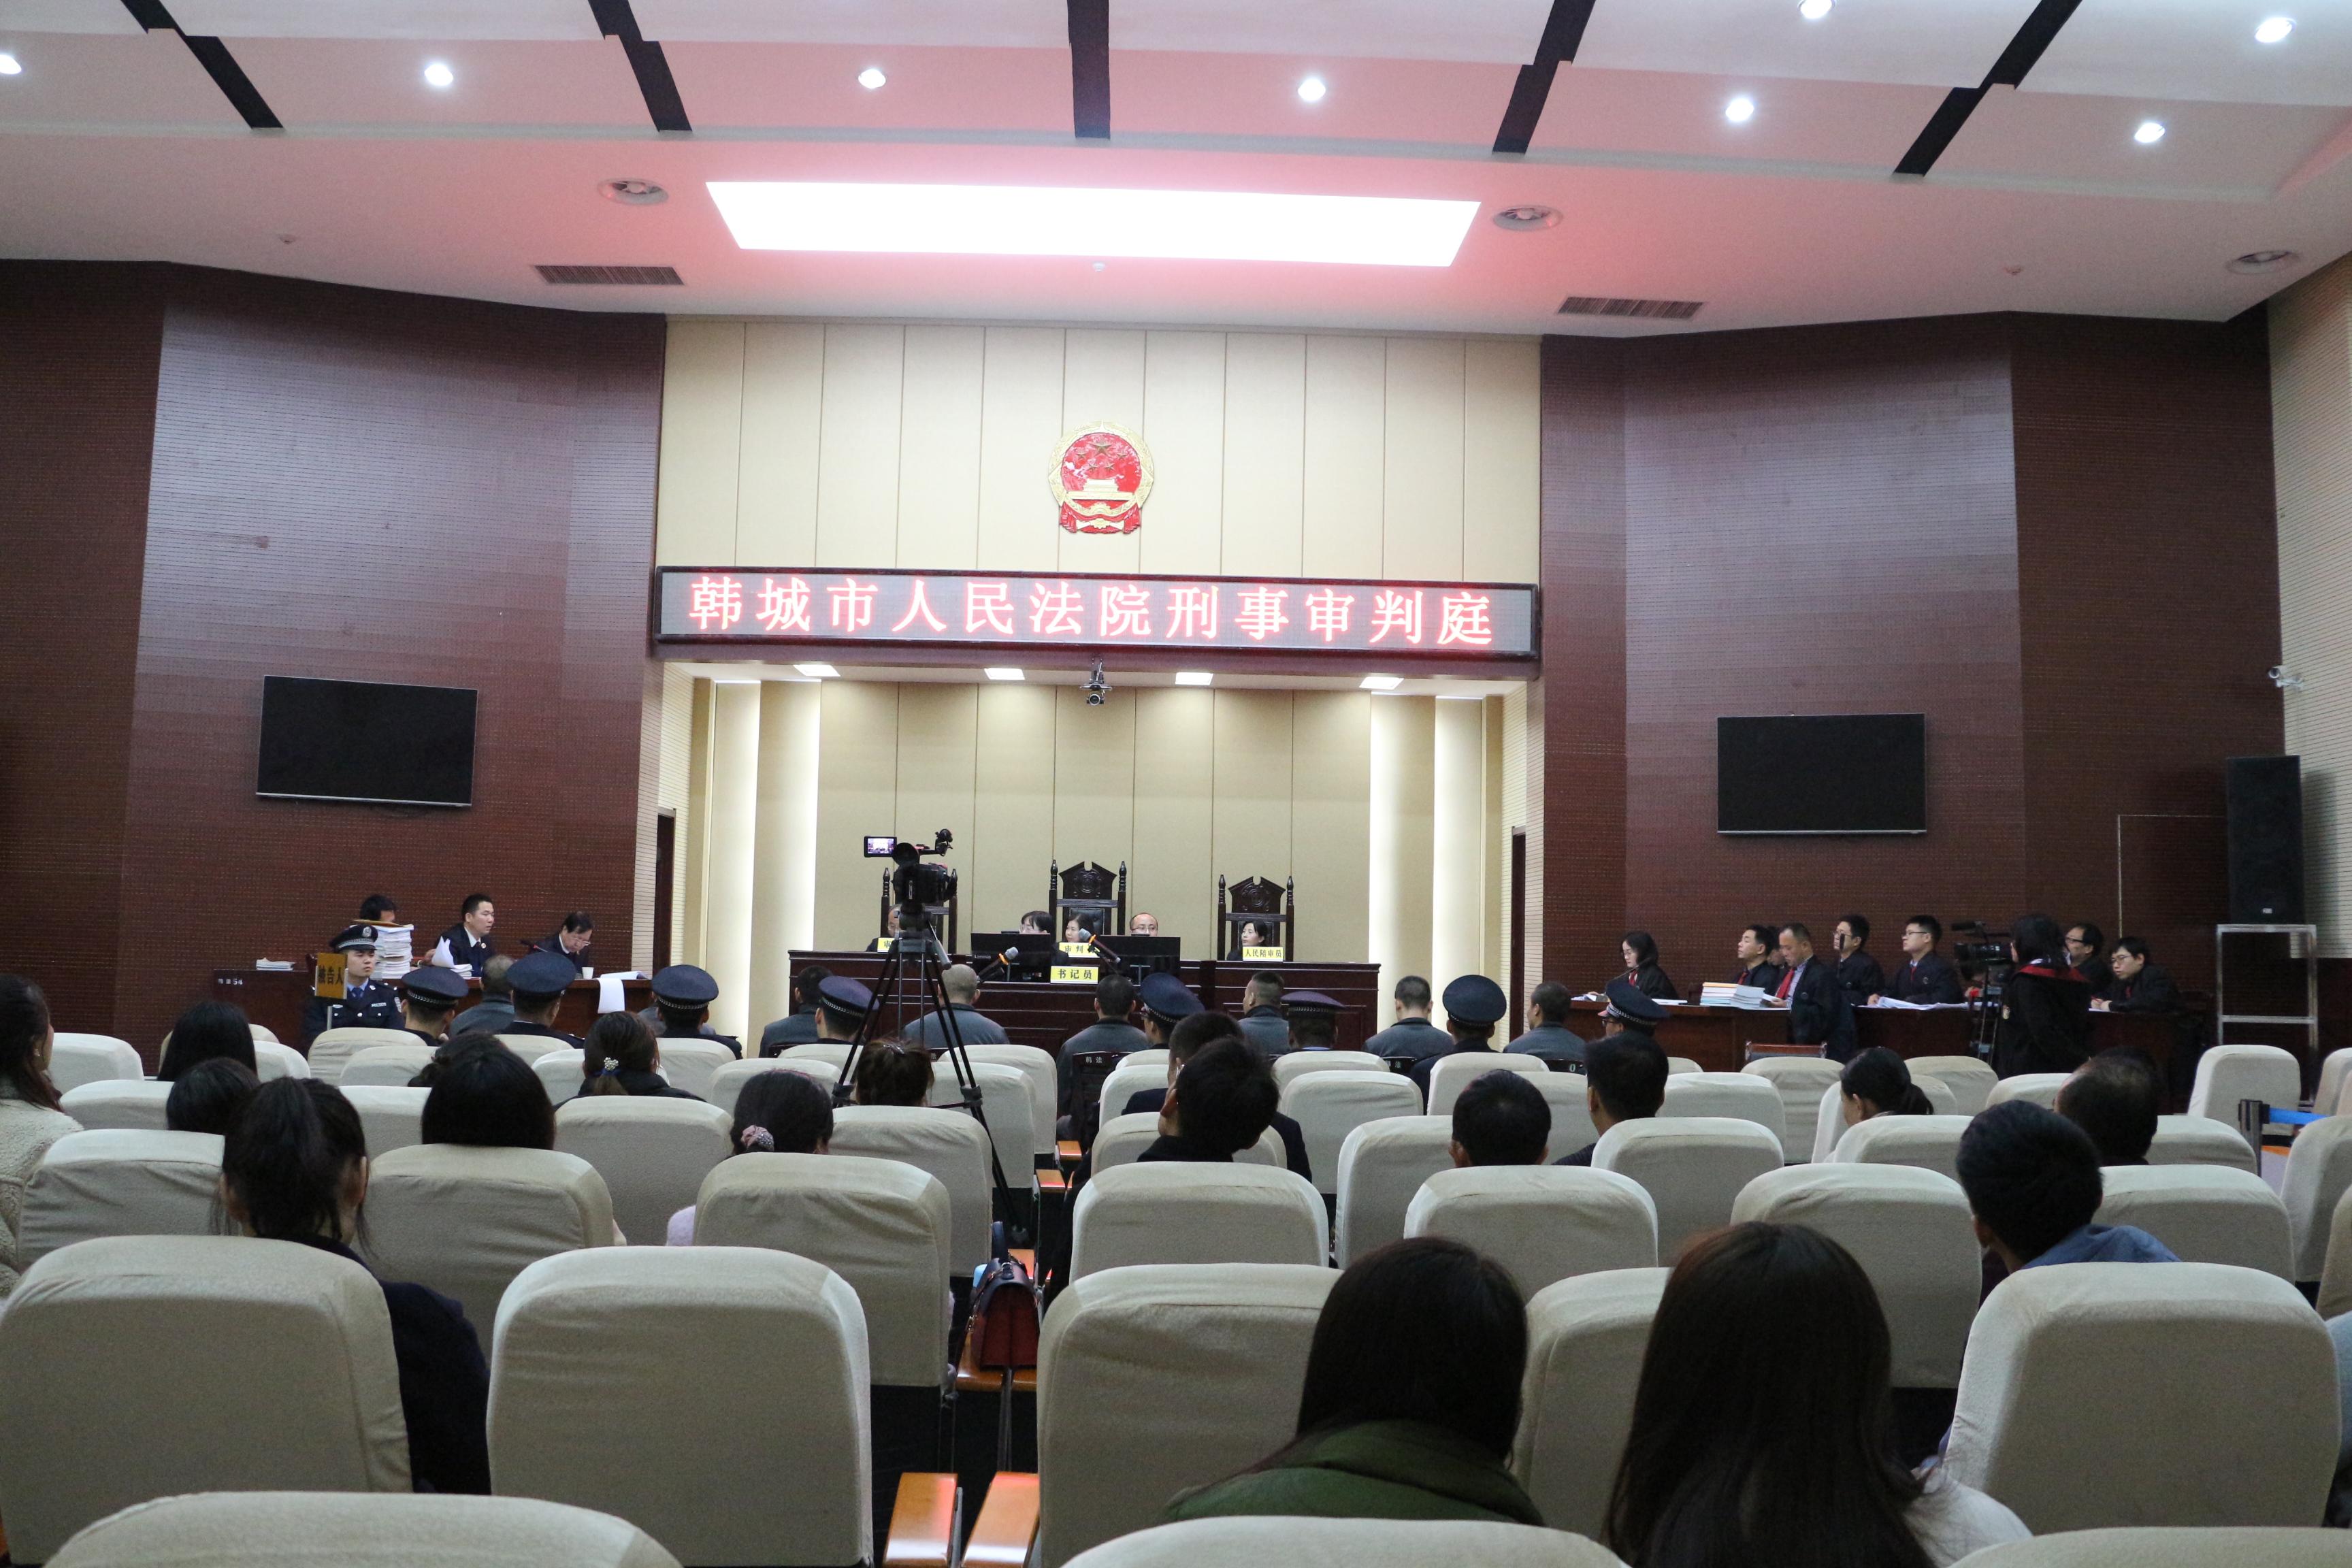 韩城法院公开审理田某等8名被告人涉恶犯罪案件